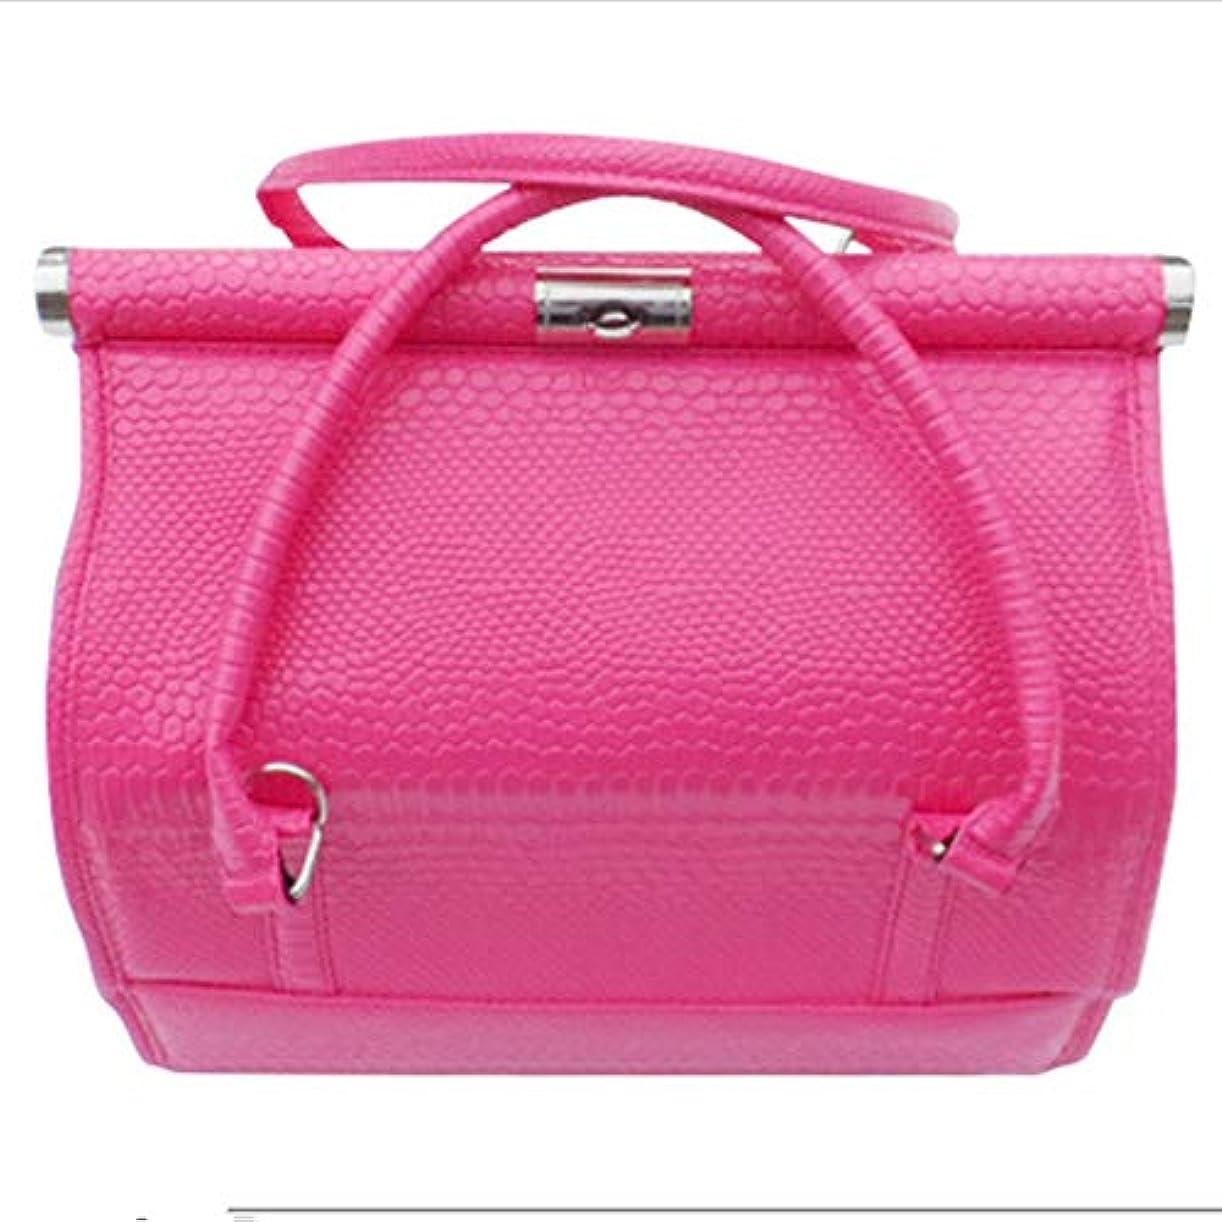 代替学習マイコン化粧オーガナイザーバッグ 女性の女性のための美容メイクアップのためのポータブル化粧品バッグ旅行と折り畳みトレイで毎日のストレージ 化粧品ケース